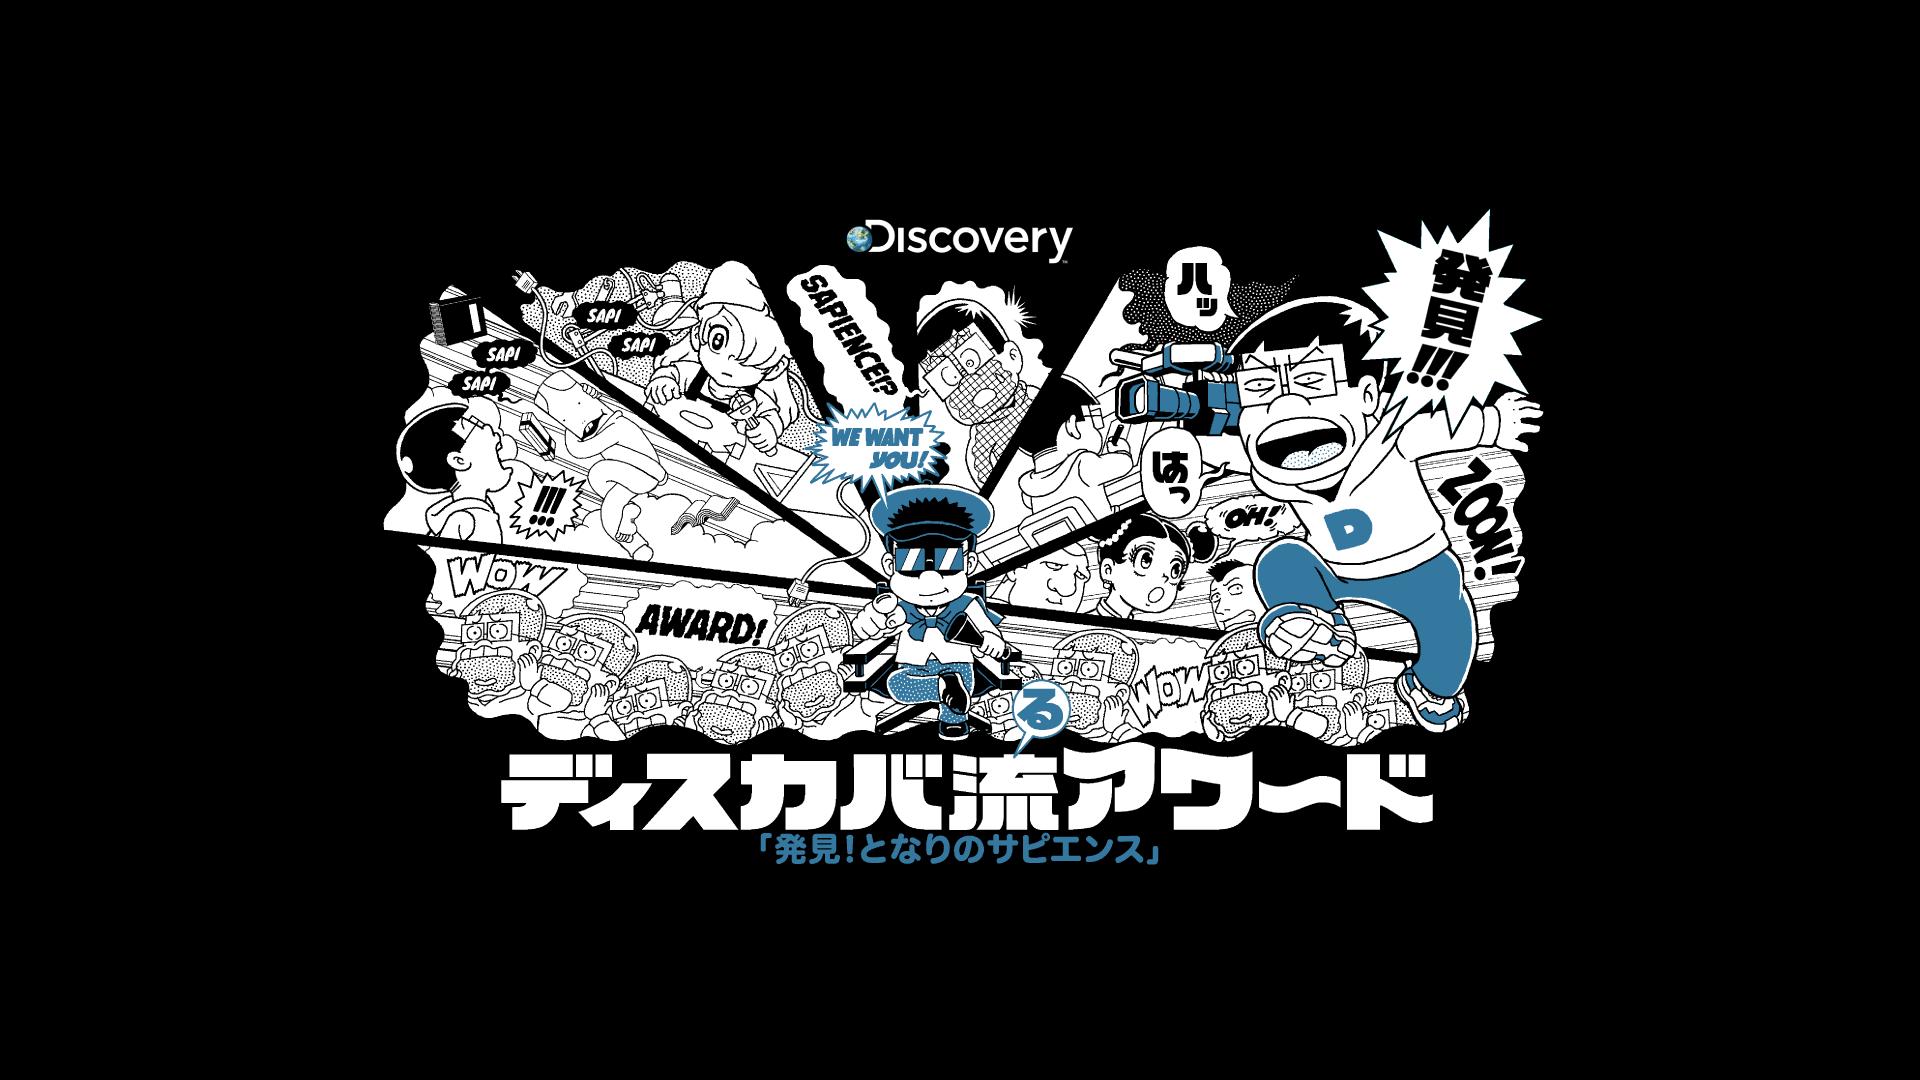 DiscoverRu Vi